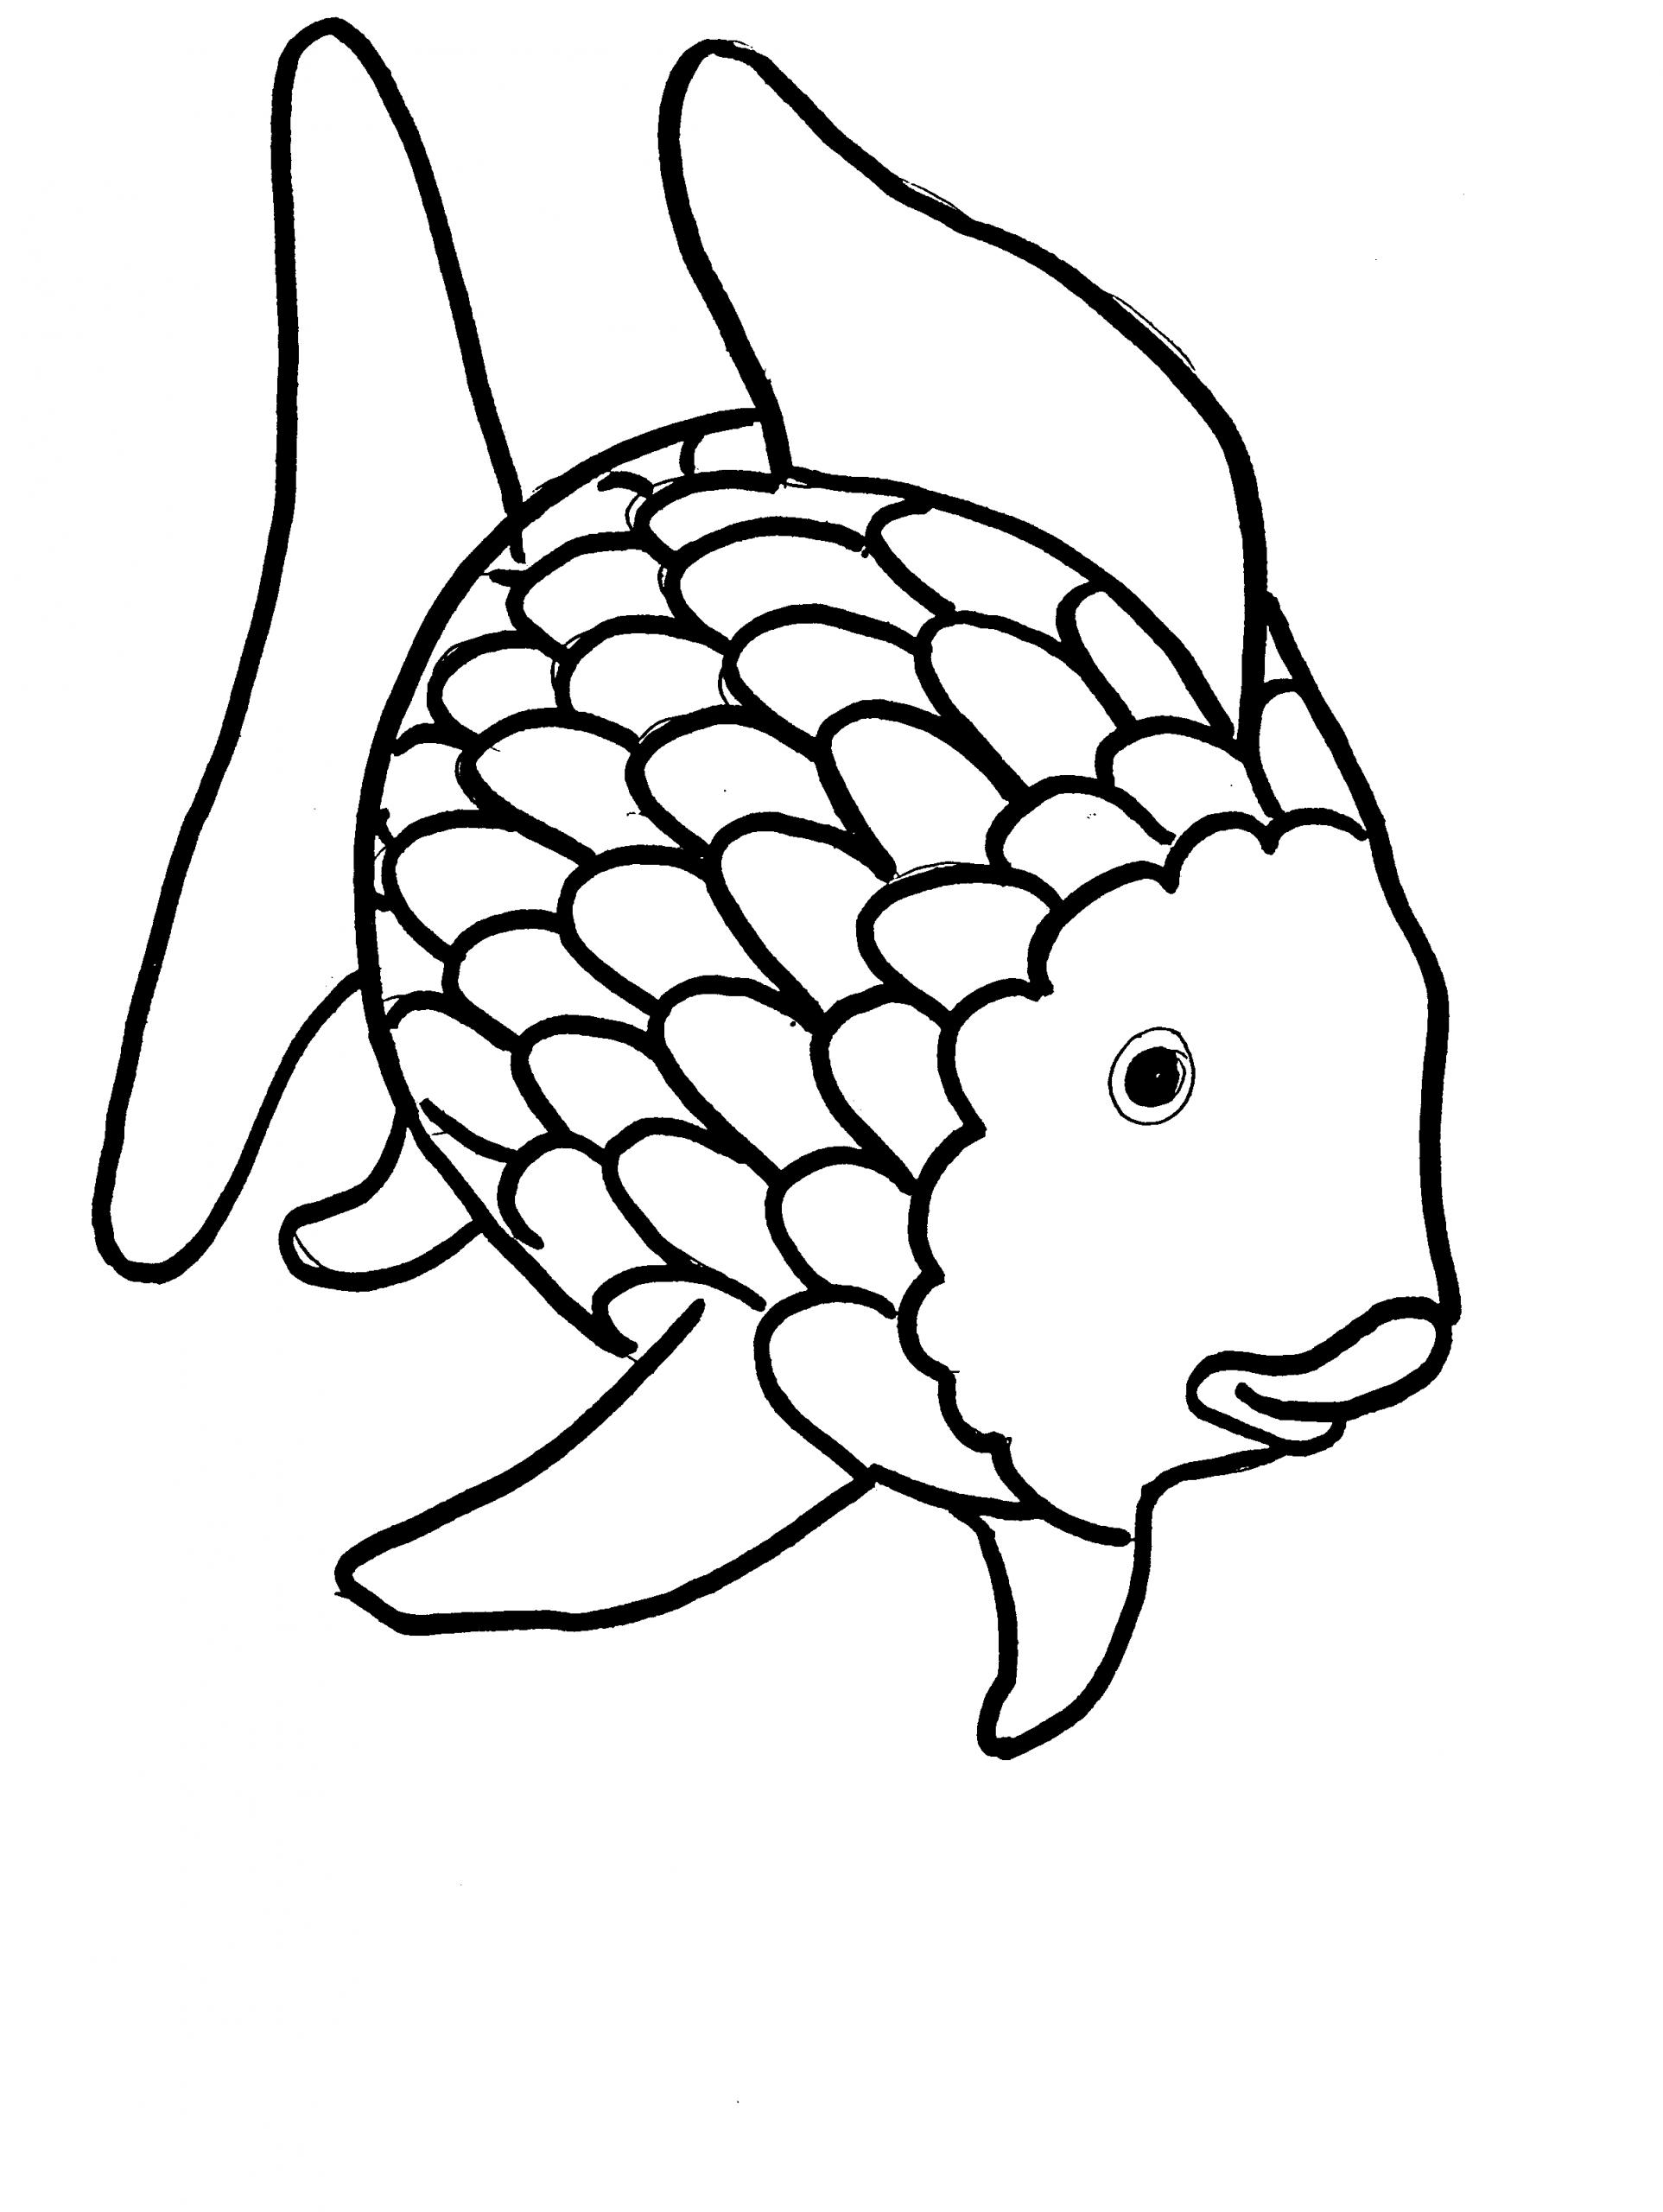 Coloriages À Imprimer : Poisson, Numéro : 7834 concernant Coloriage De Poisson A Imprimer Gratuit